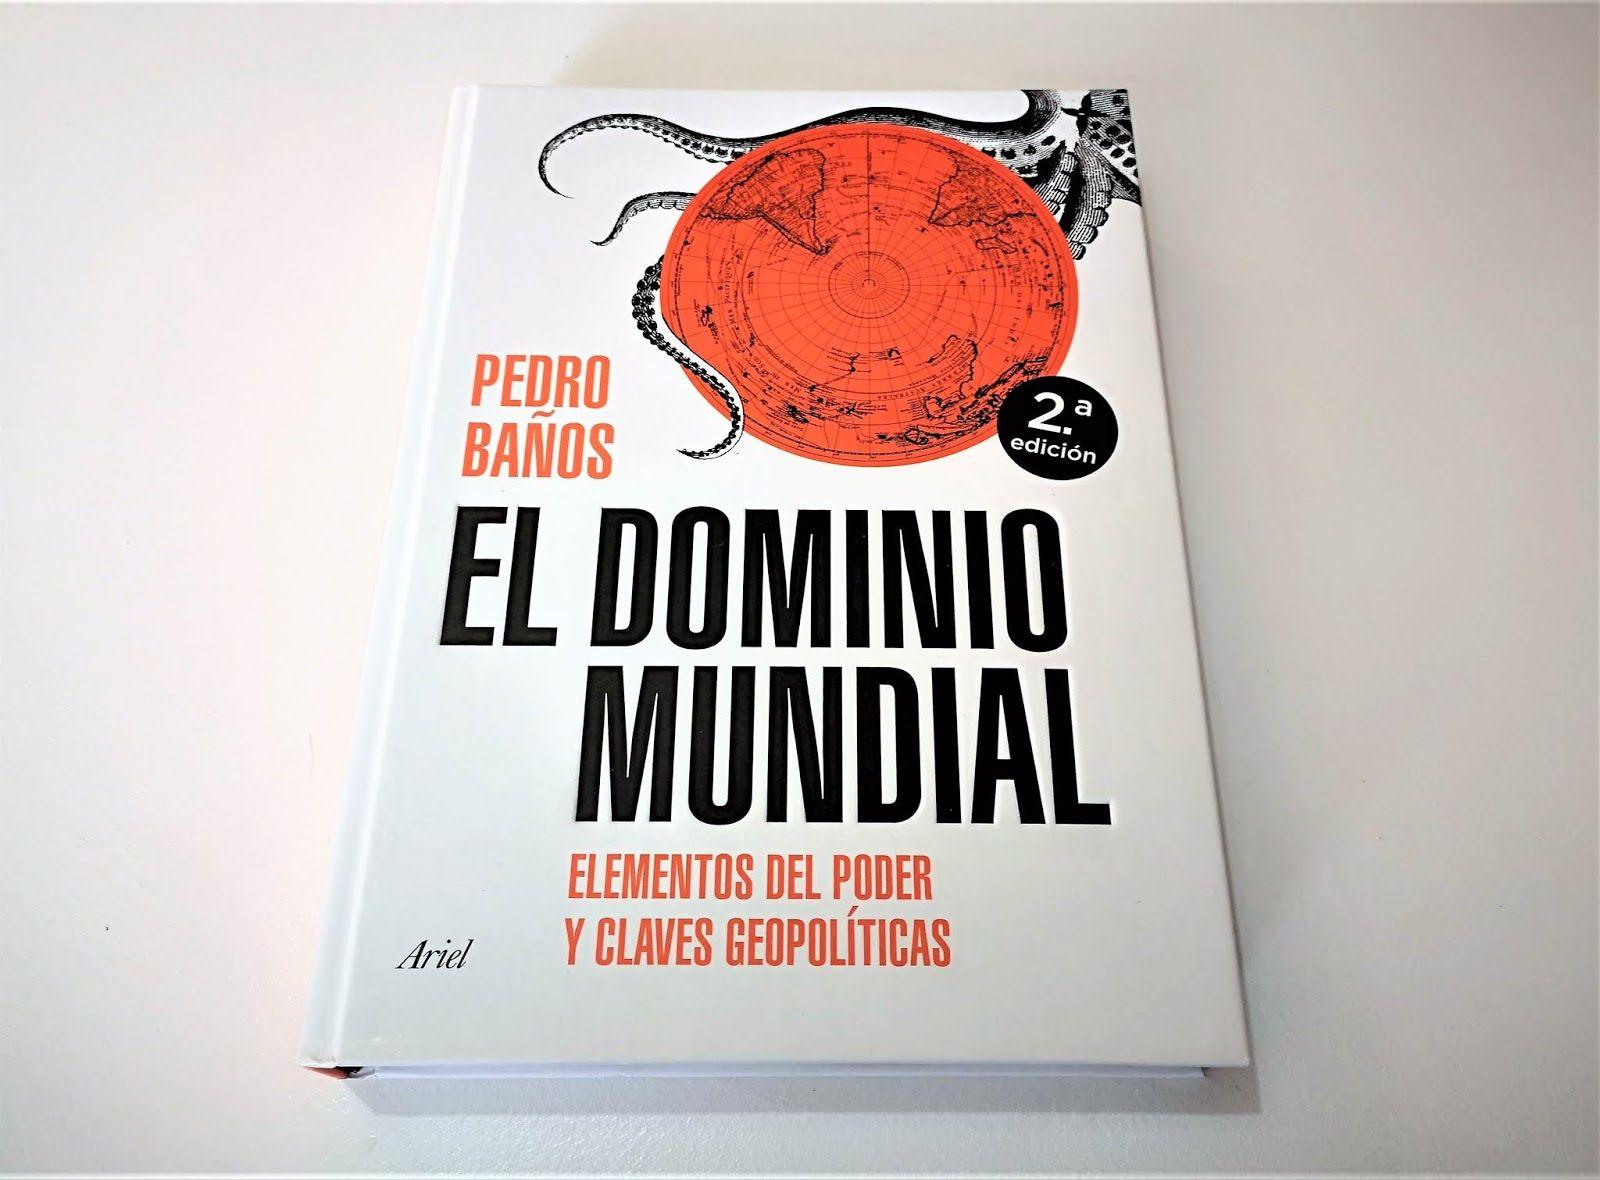 El dominio mundial : elementos del poder y claves geopolíticas / Pedro Baños